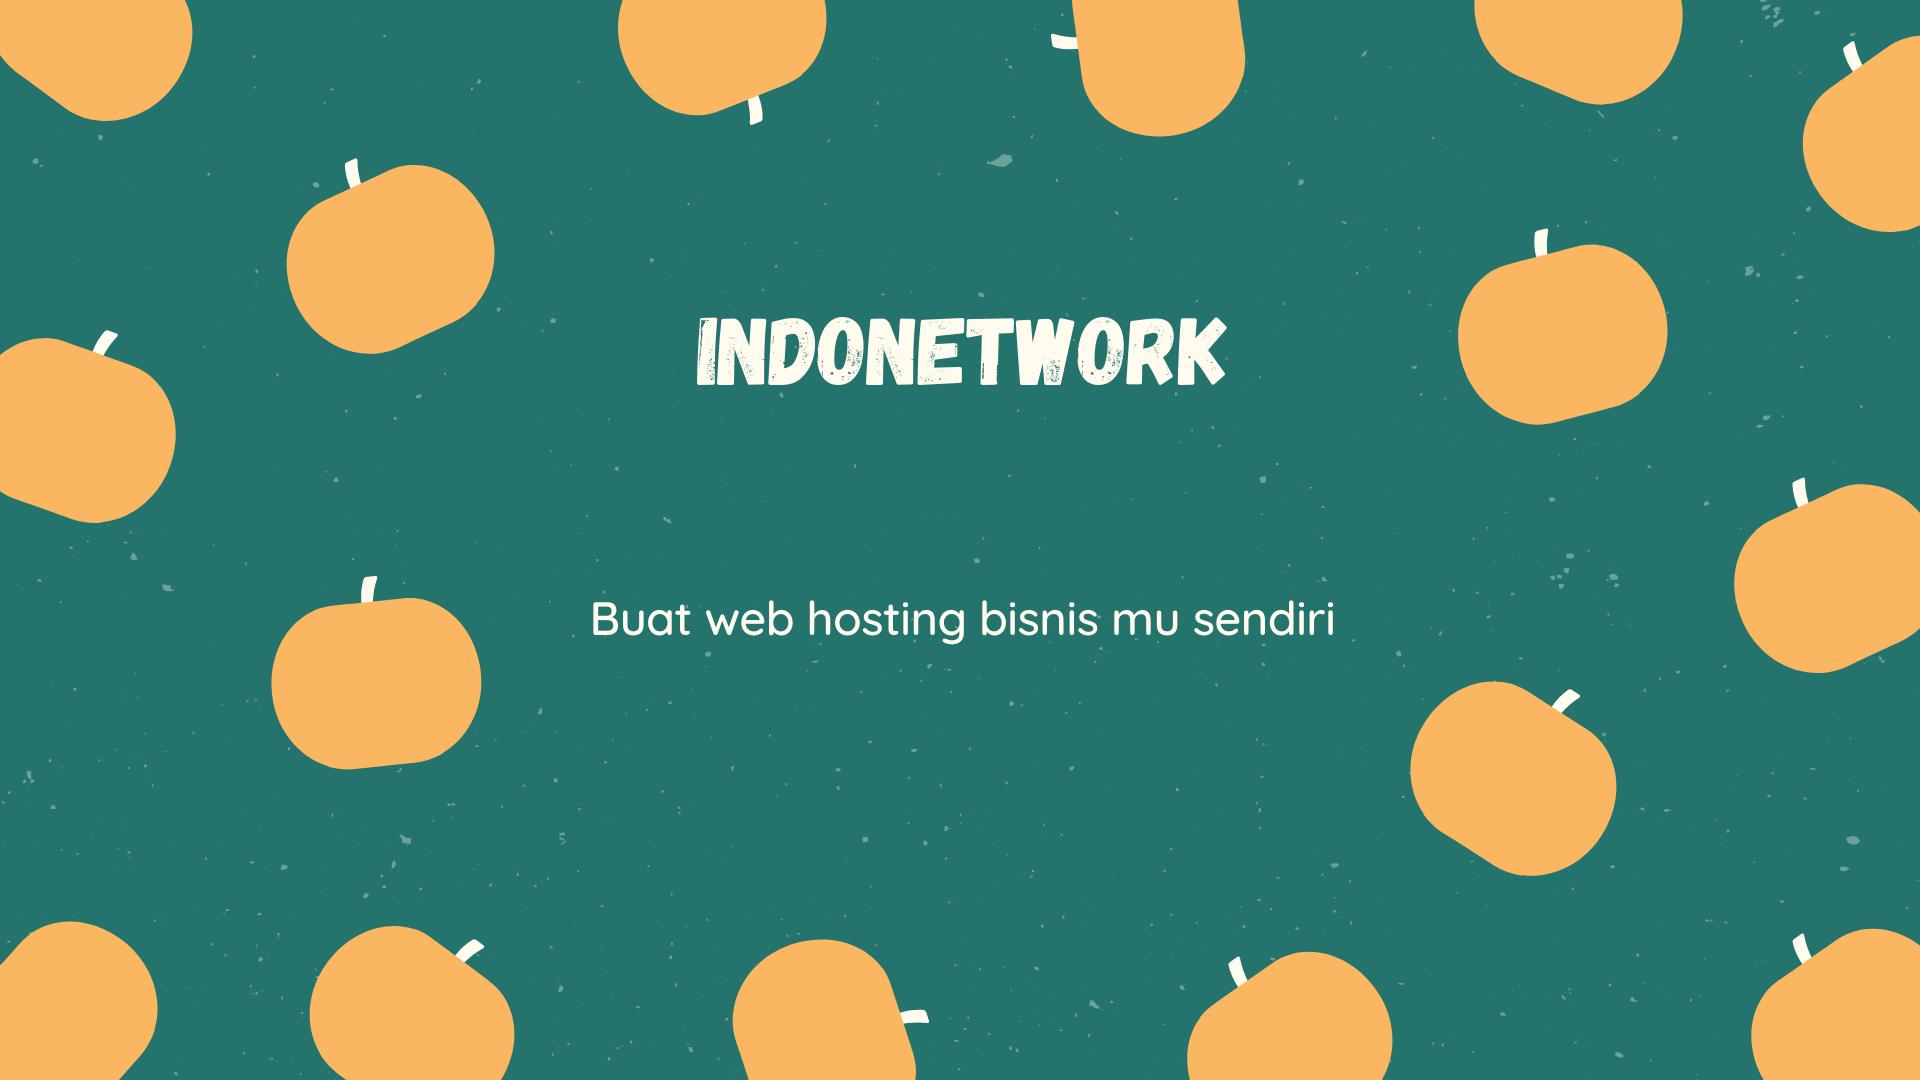 Webinar Indonetwork